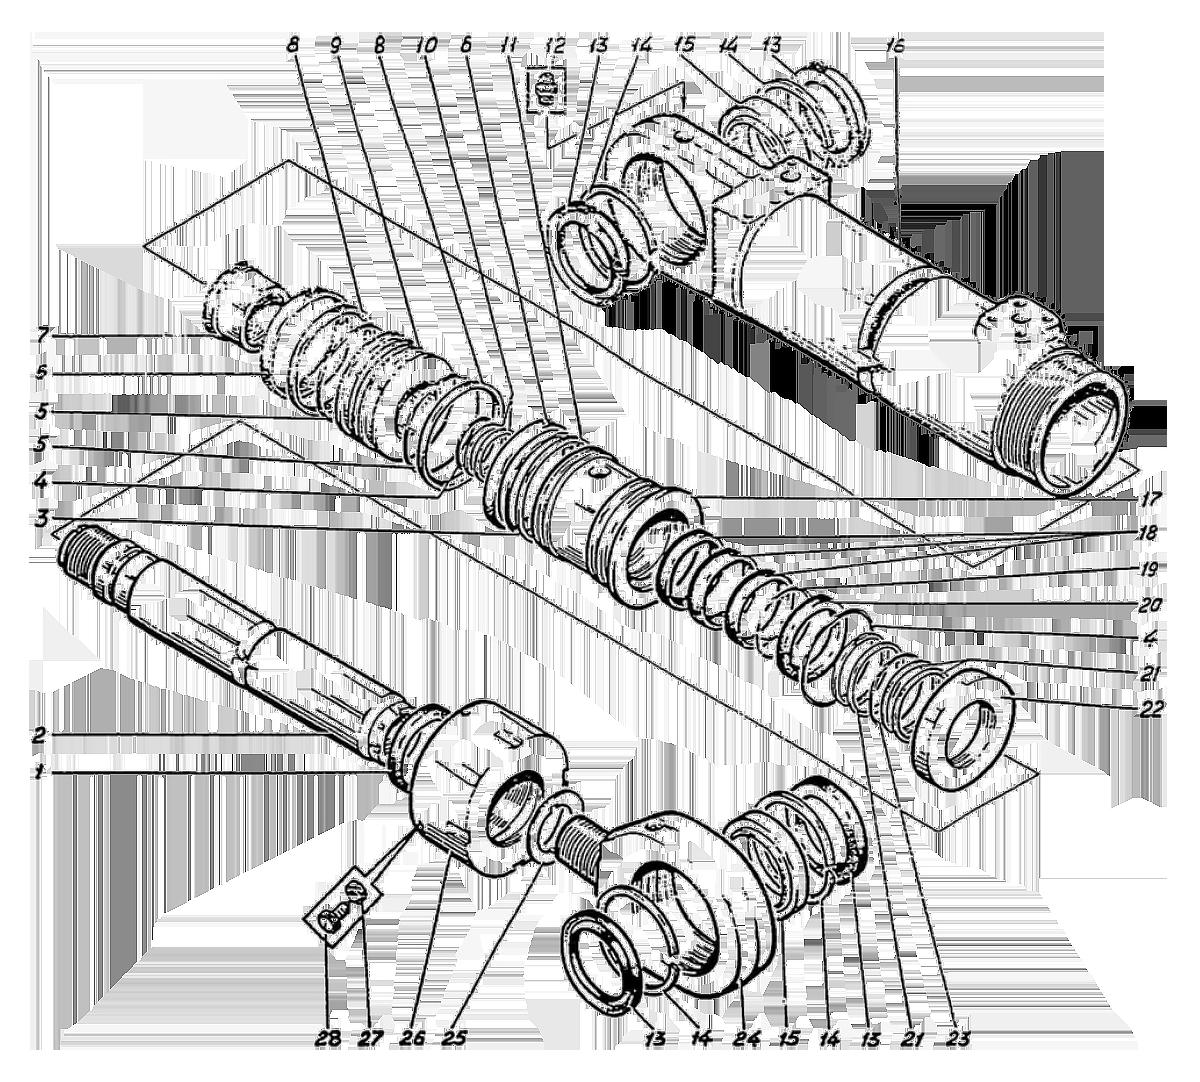 Гидроцилиндр стрелы Э4.05.30.012сб